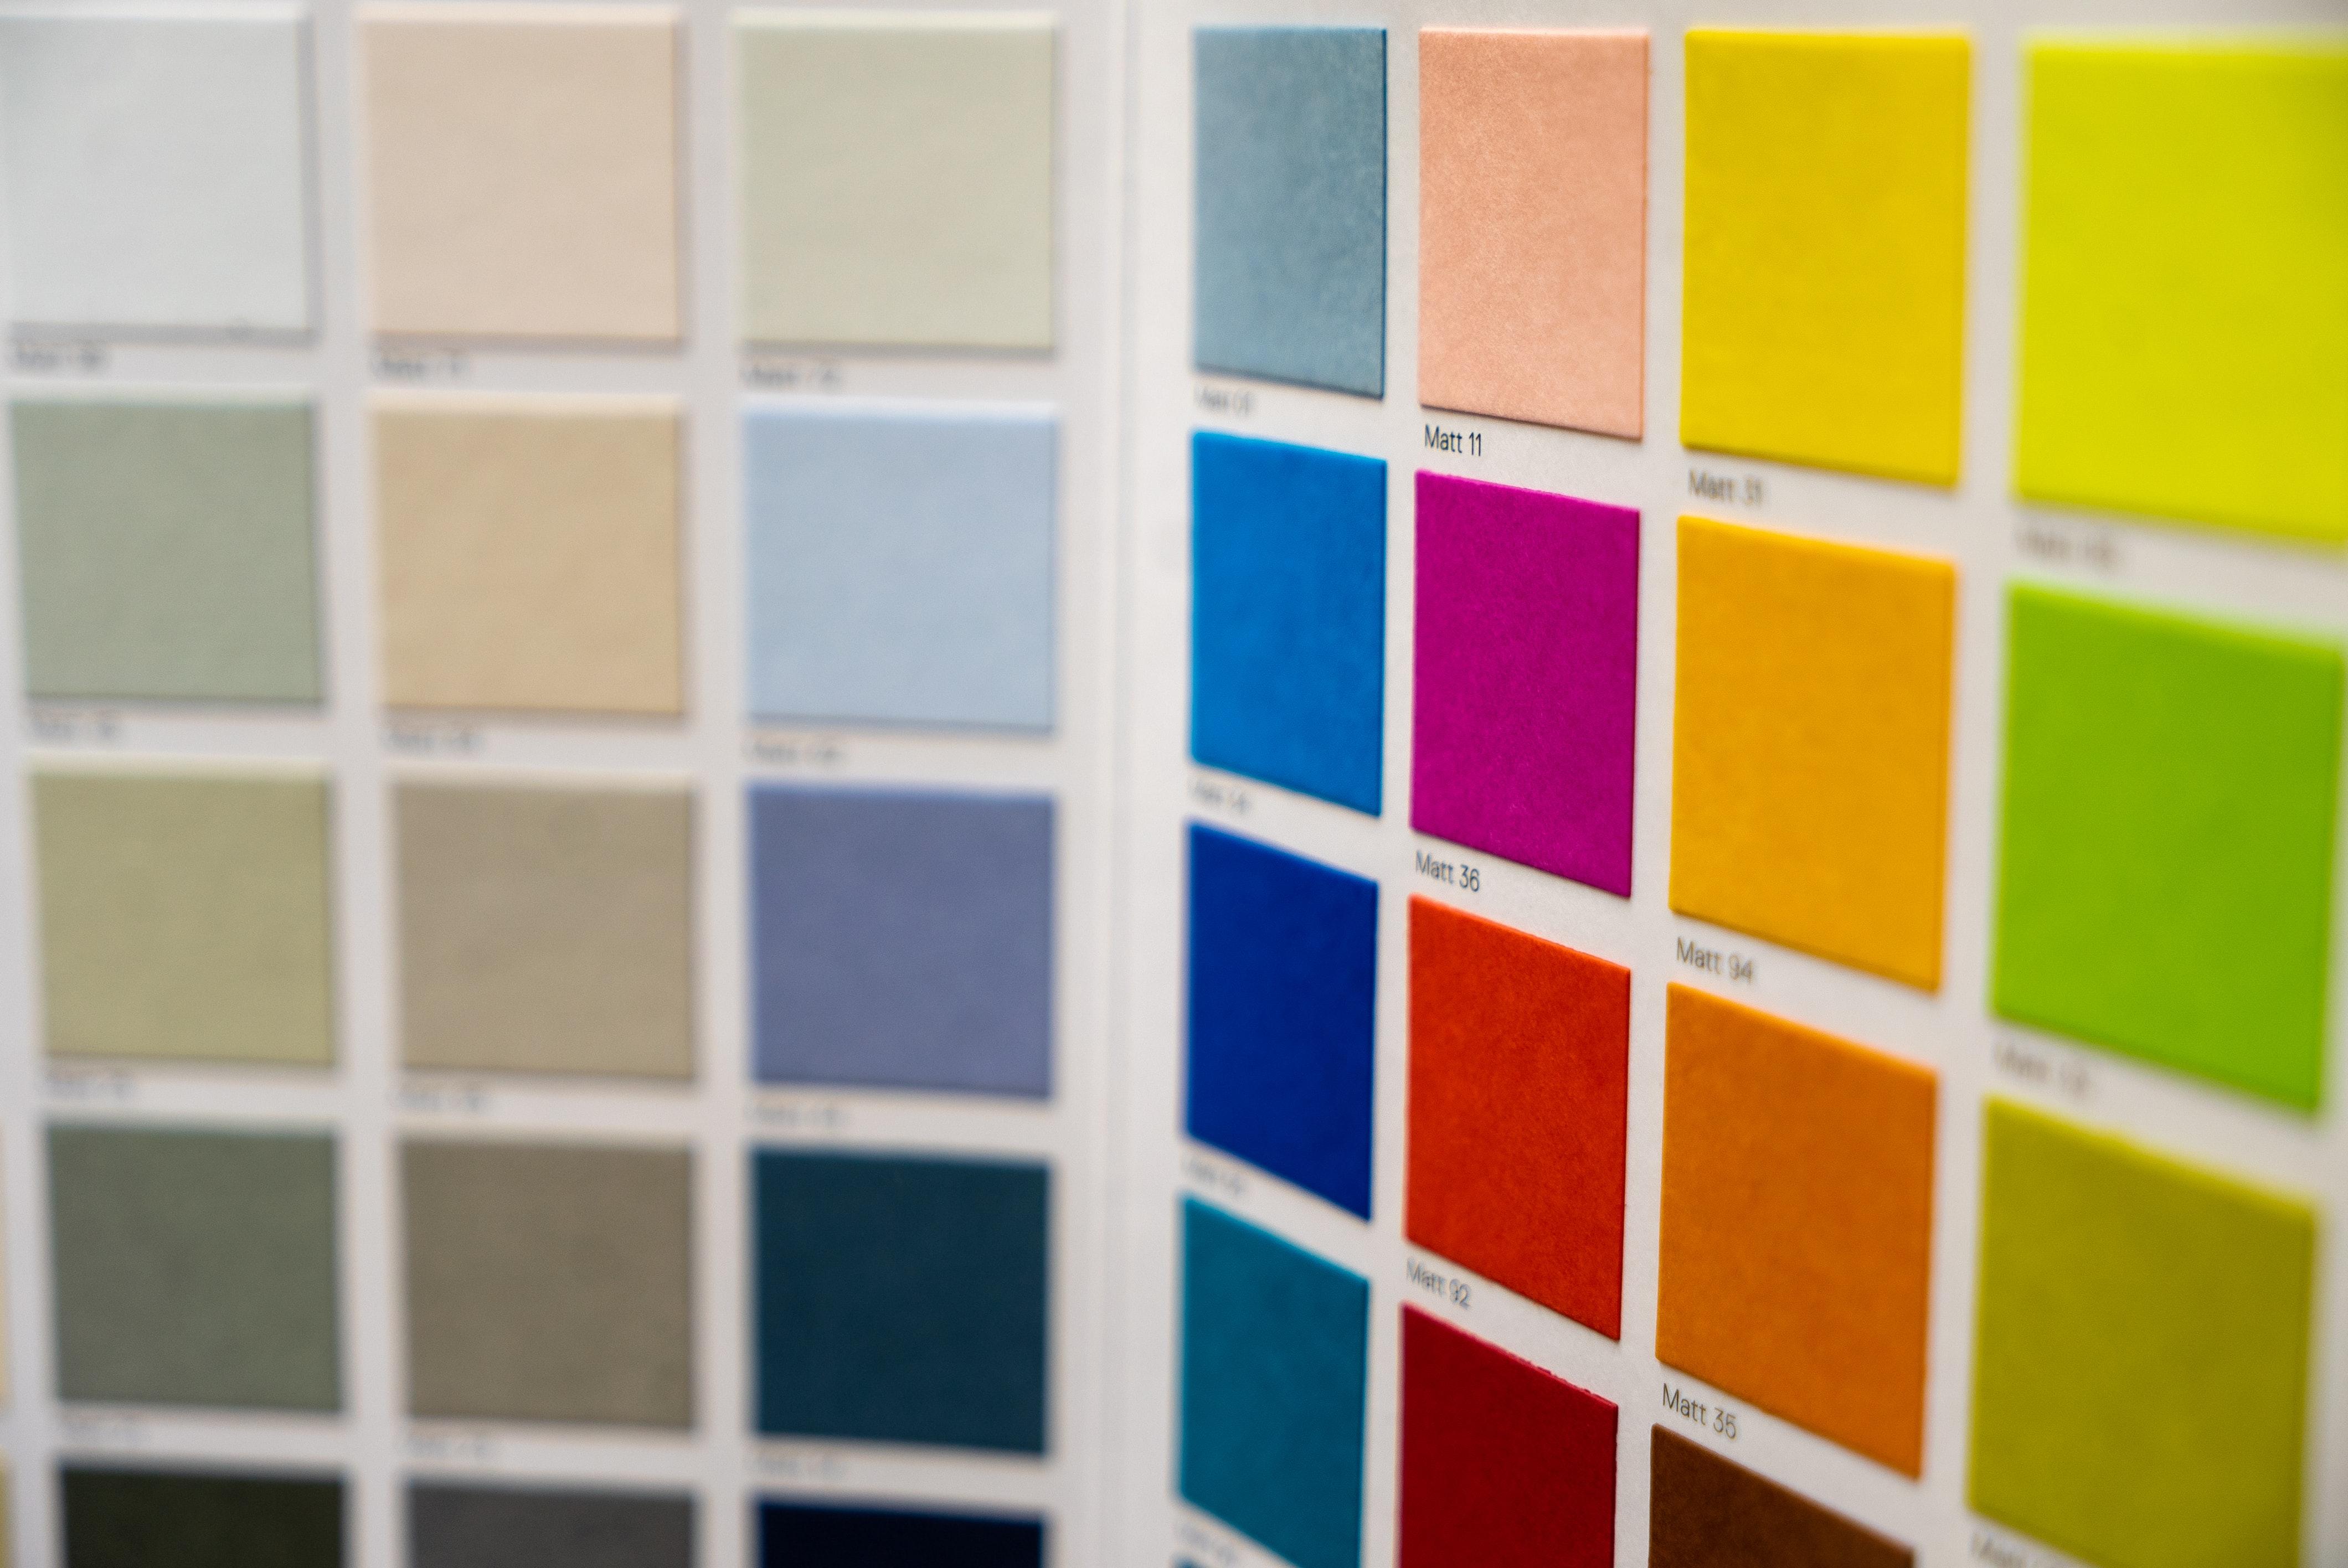 paint-color-sheets-benchmark-comparison2